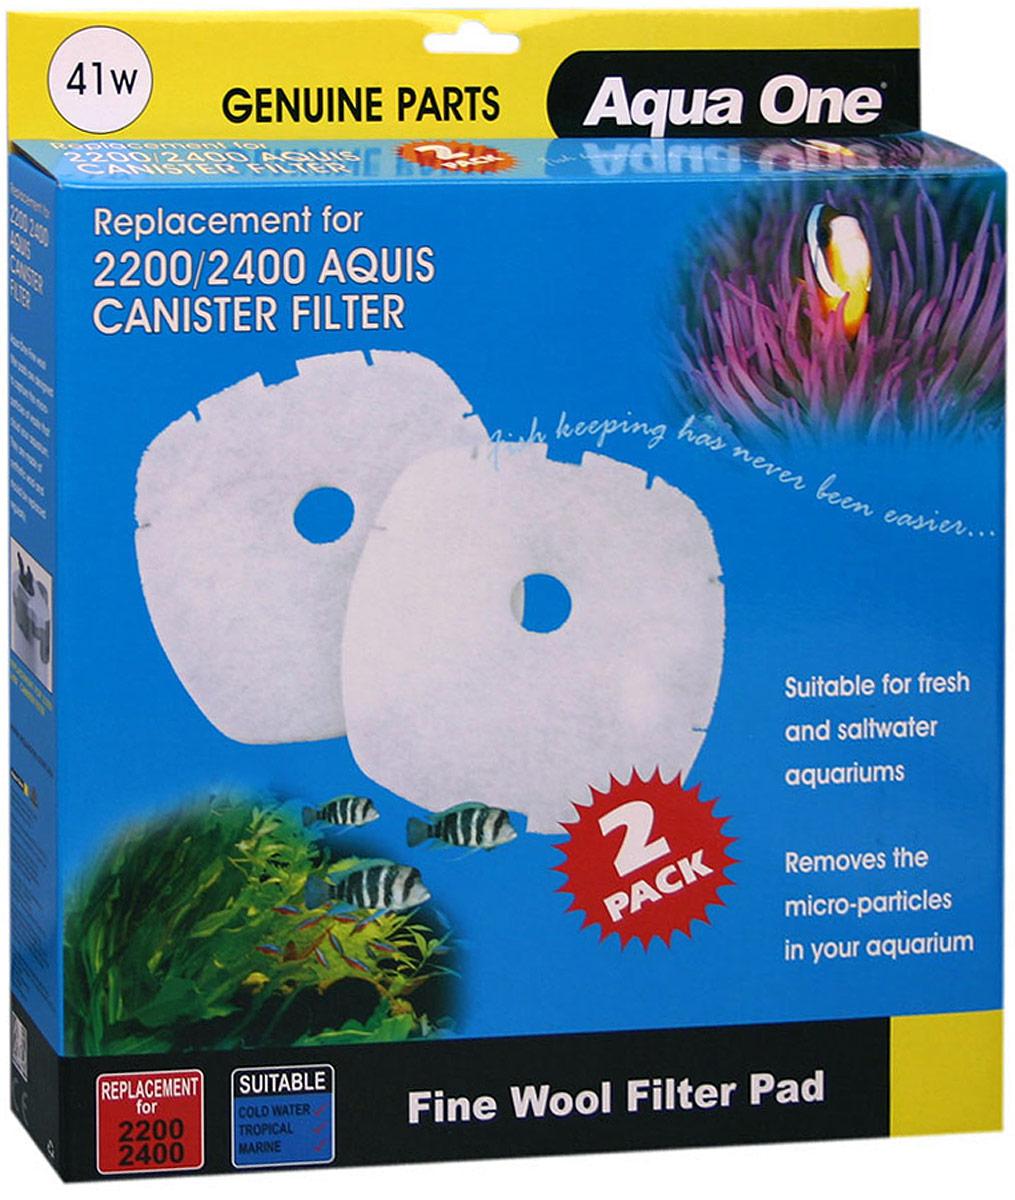 Синтепон Aqua One Nautilus 2700, для внешних фильтров, 2 шт original aspire nautilus 2 coils(5pcs)